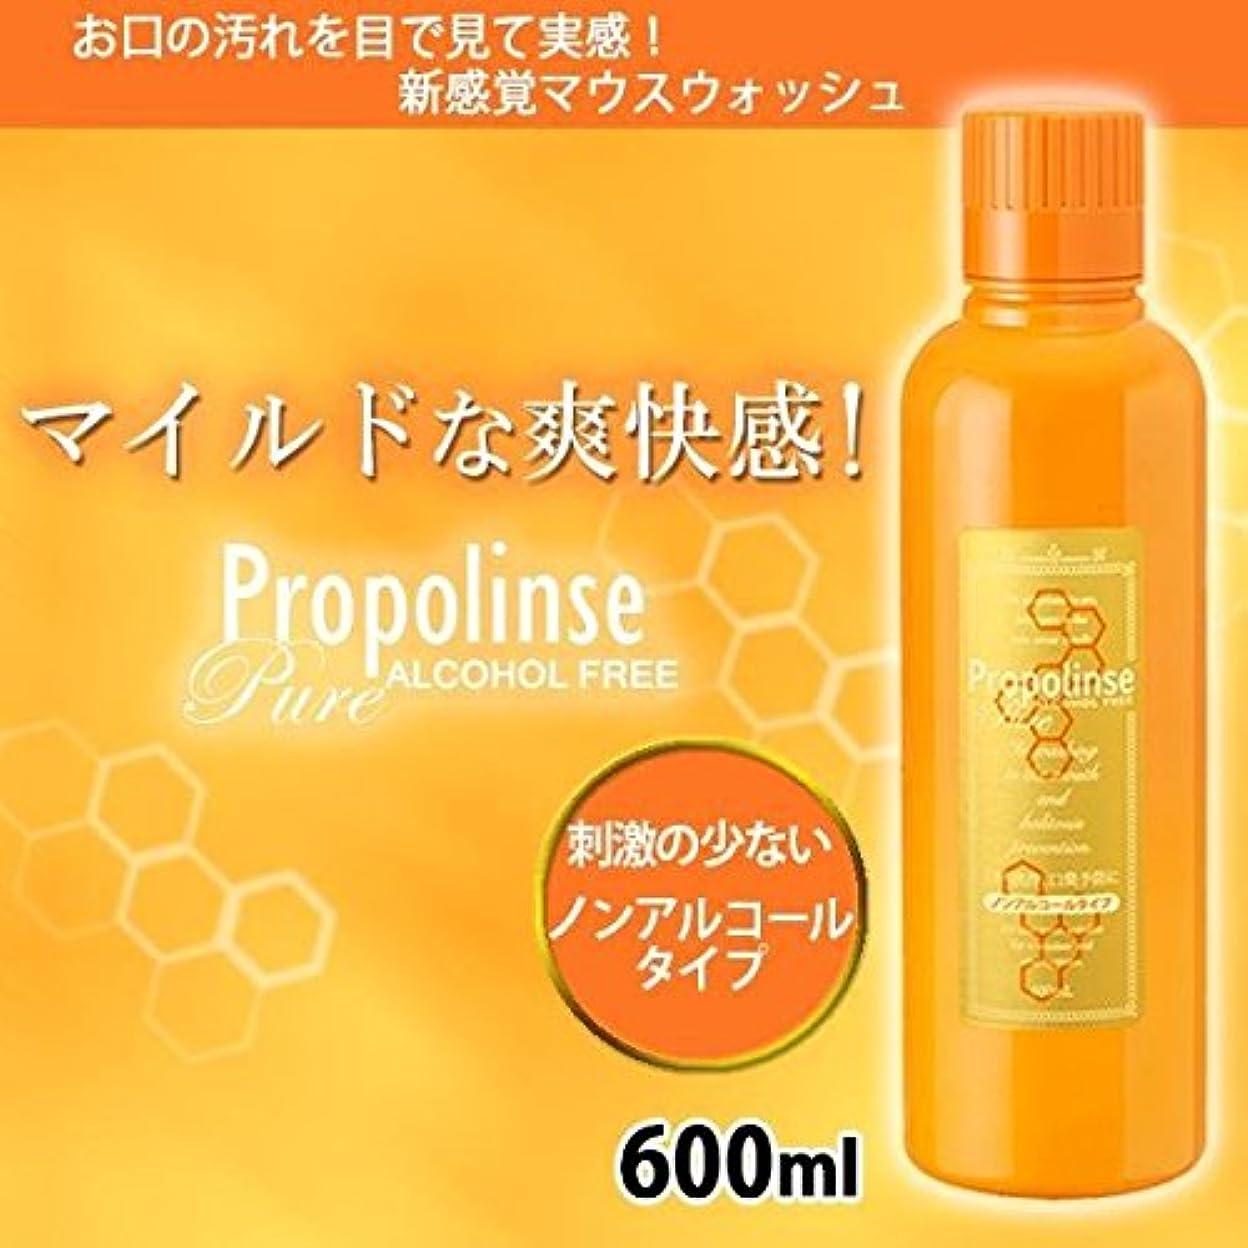 飲料モンク致命的プロポリンス ピュア (ノンアルコール マウスウォッシュ) 600ml